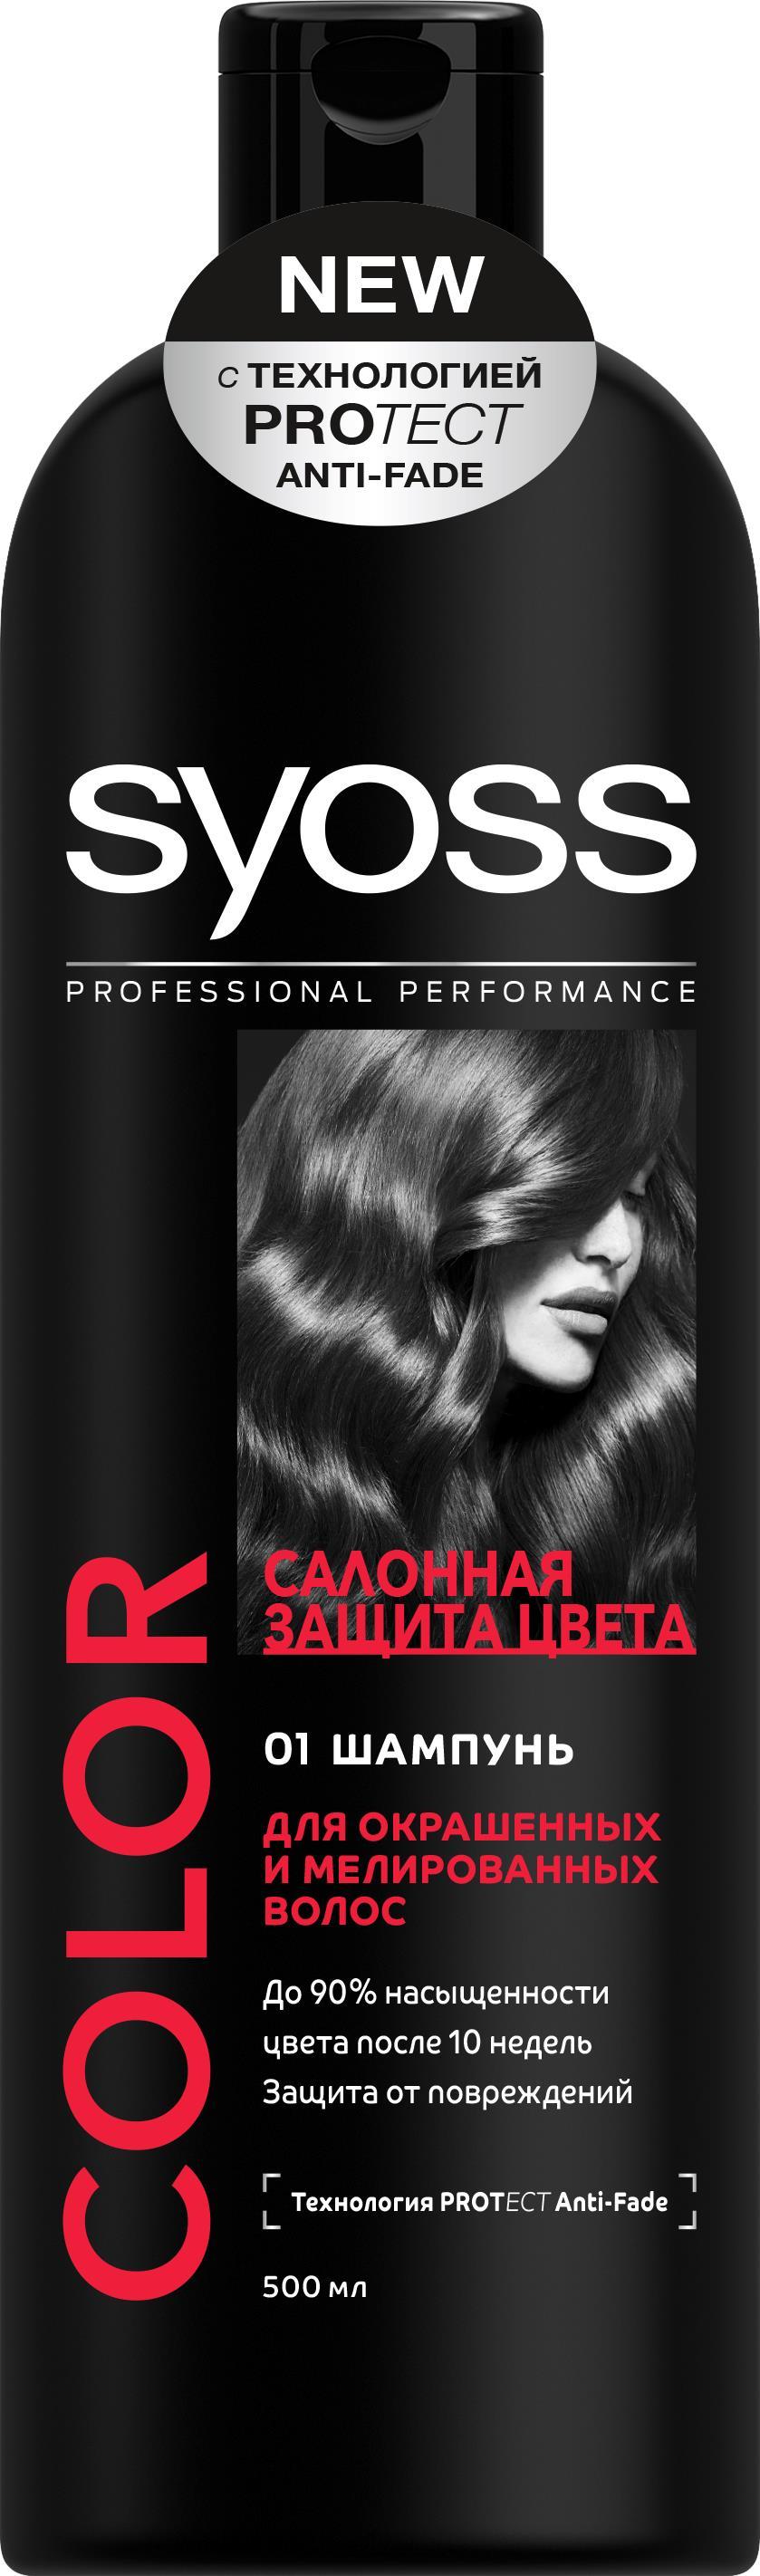 Syoss Шампунь Color Protect, для окрашенных и мелированных волос, 500 мл спрей тонирующий syoss root retoucher черный 120мл активатор цвета